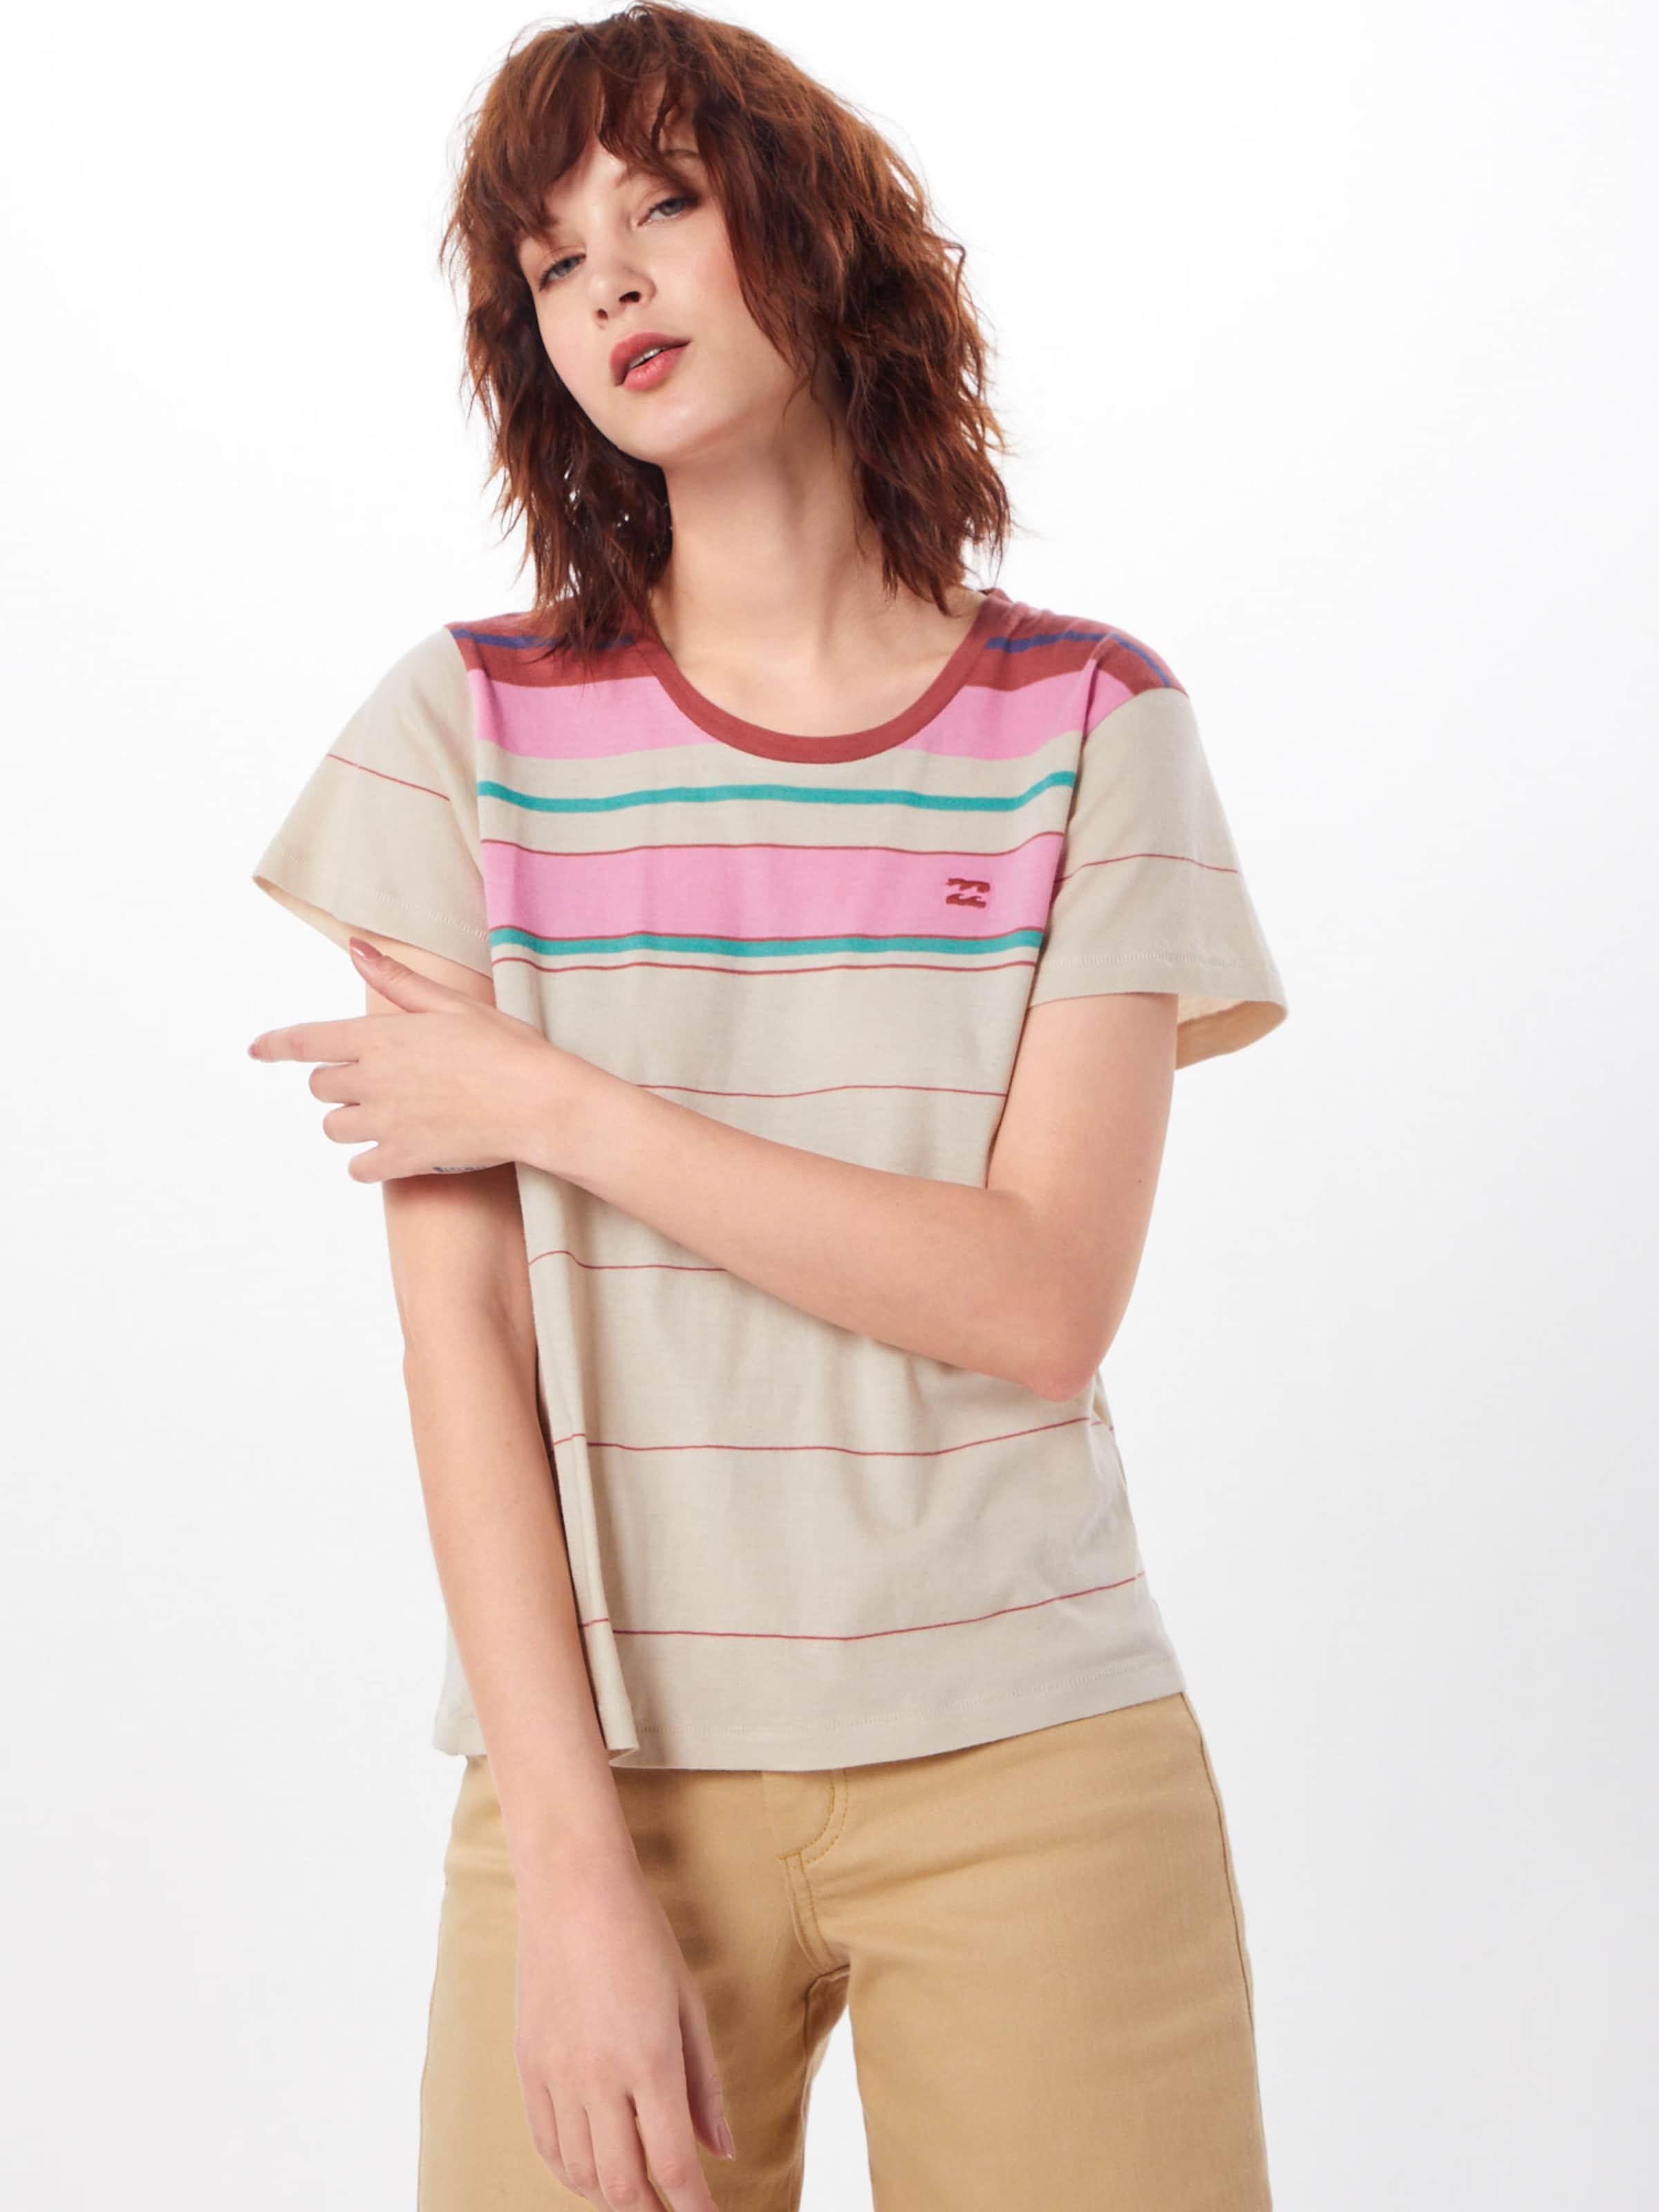 T MentheRose Poudre En Rouge shirt 'soul Billabong Babe' wkOXP08n